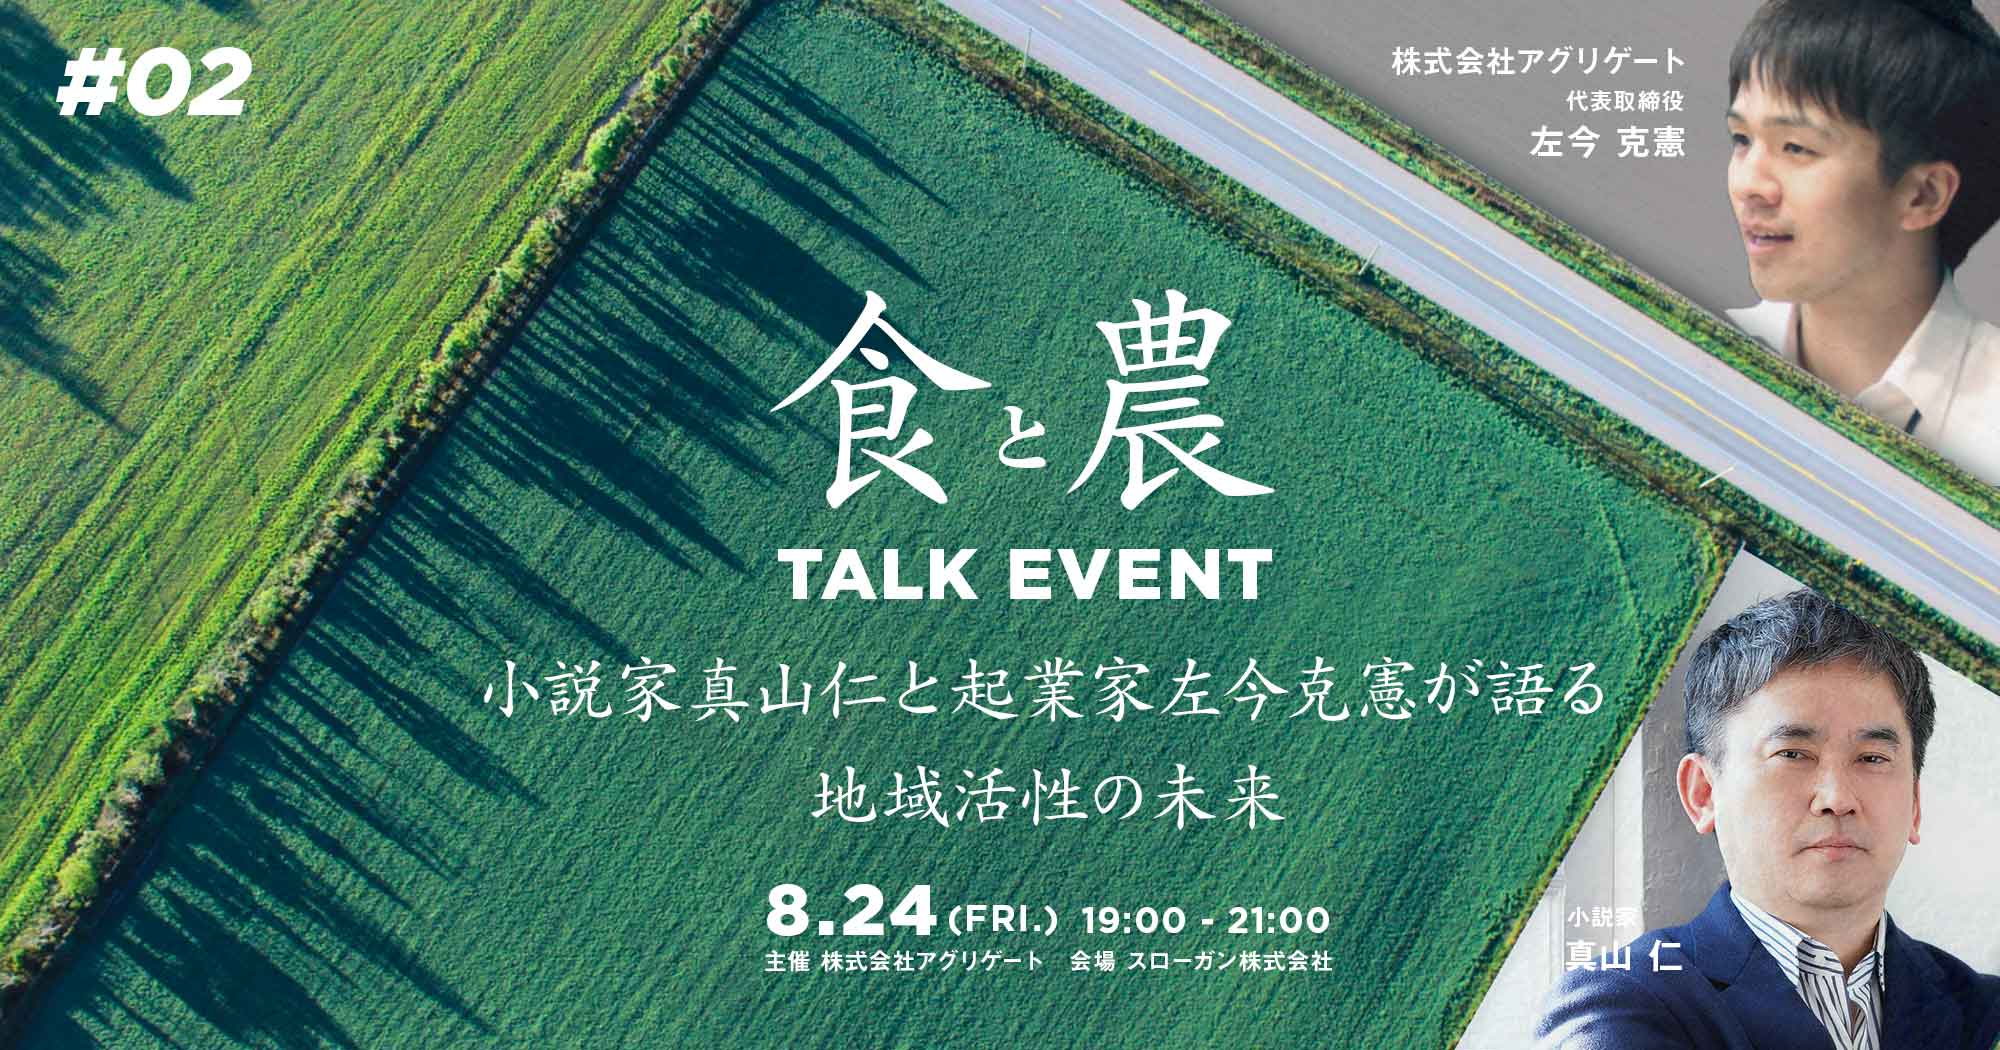 小説家 真山 仁と起業家 左今 克憲が語る、地域活性の未来